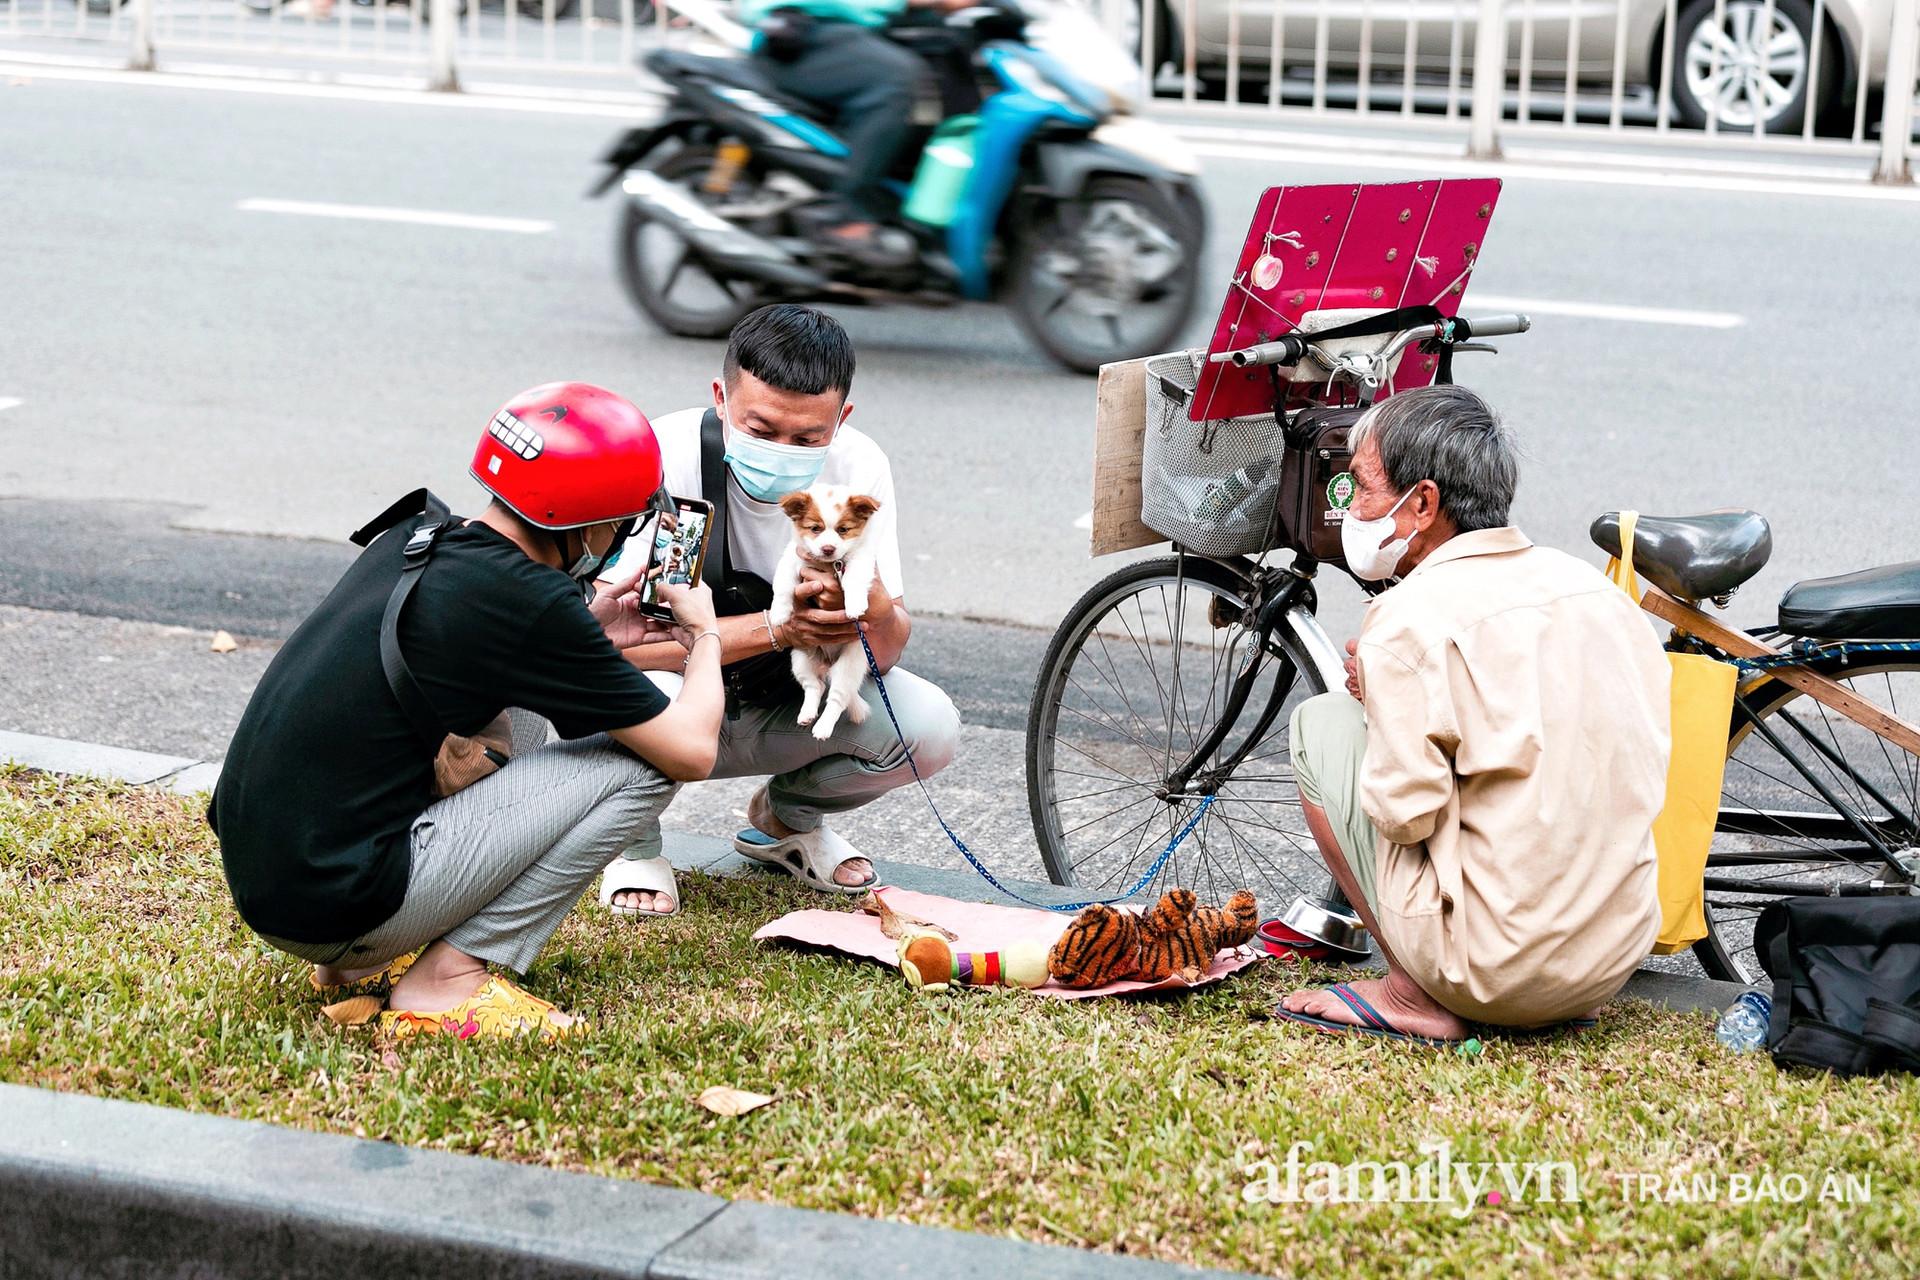 Cụ ông câm điếc cưu mang chú chó nhỏ, thà rong ruổi bán từng tờ vé số chứ không nhận 70 triệu khi người Sài Gòn dang tay giúp đỡ  - Ảnh 9.